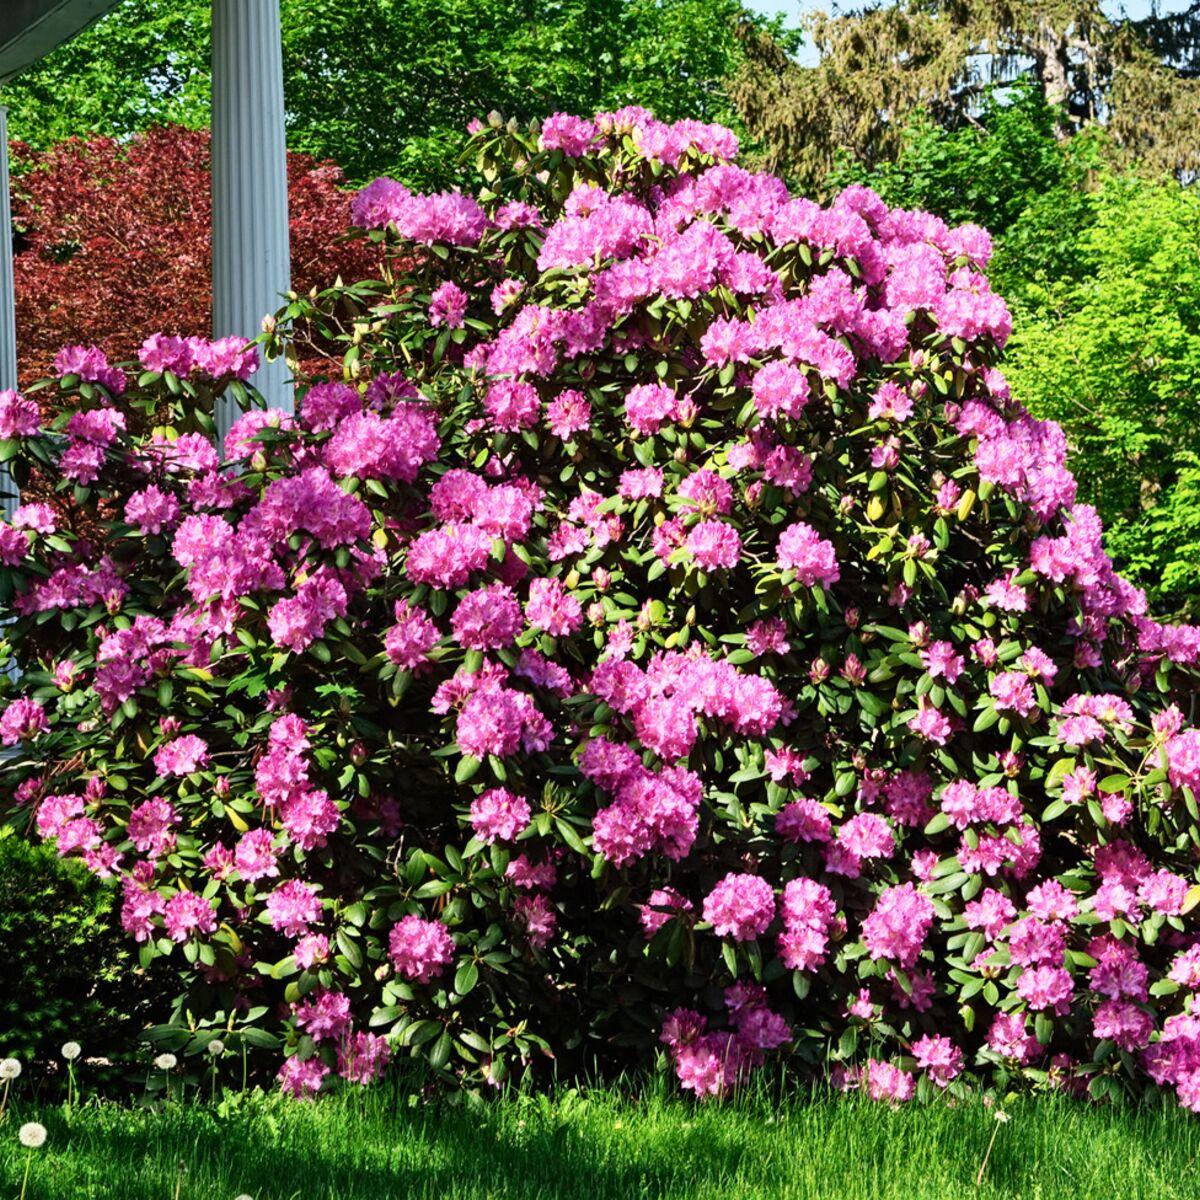 Arbuste Persistant Pour Pot comment planter un rhododendron ? : femme actuelle le mag